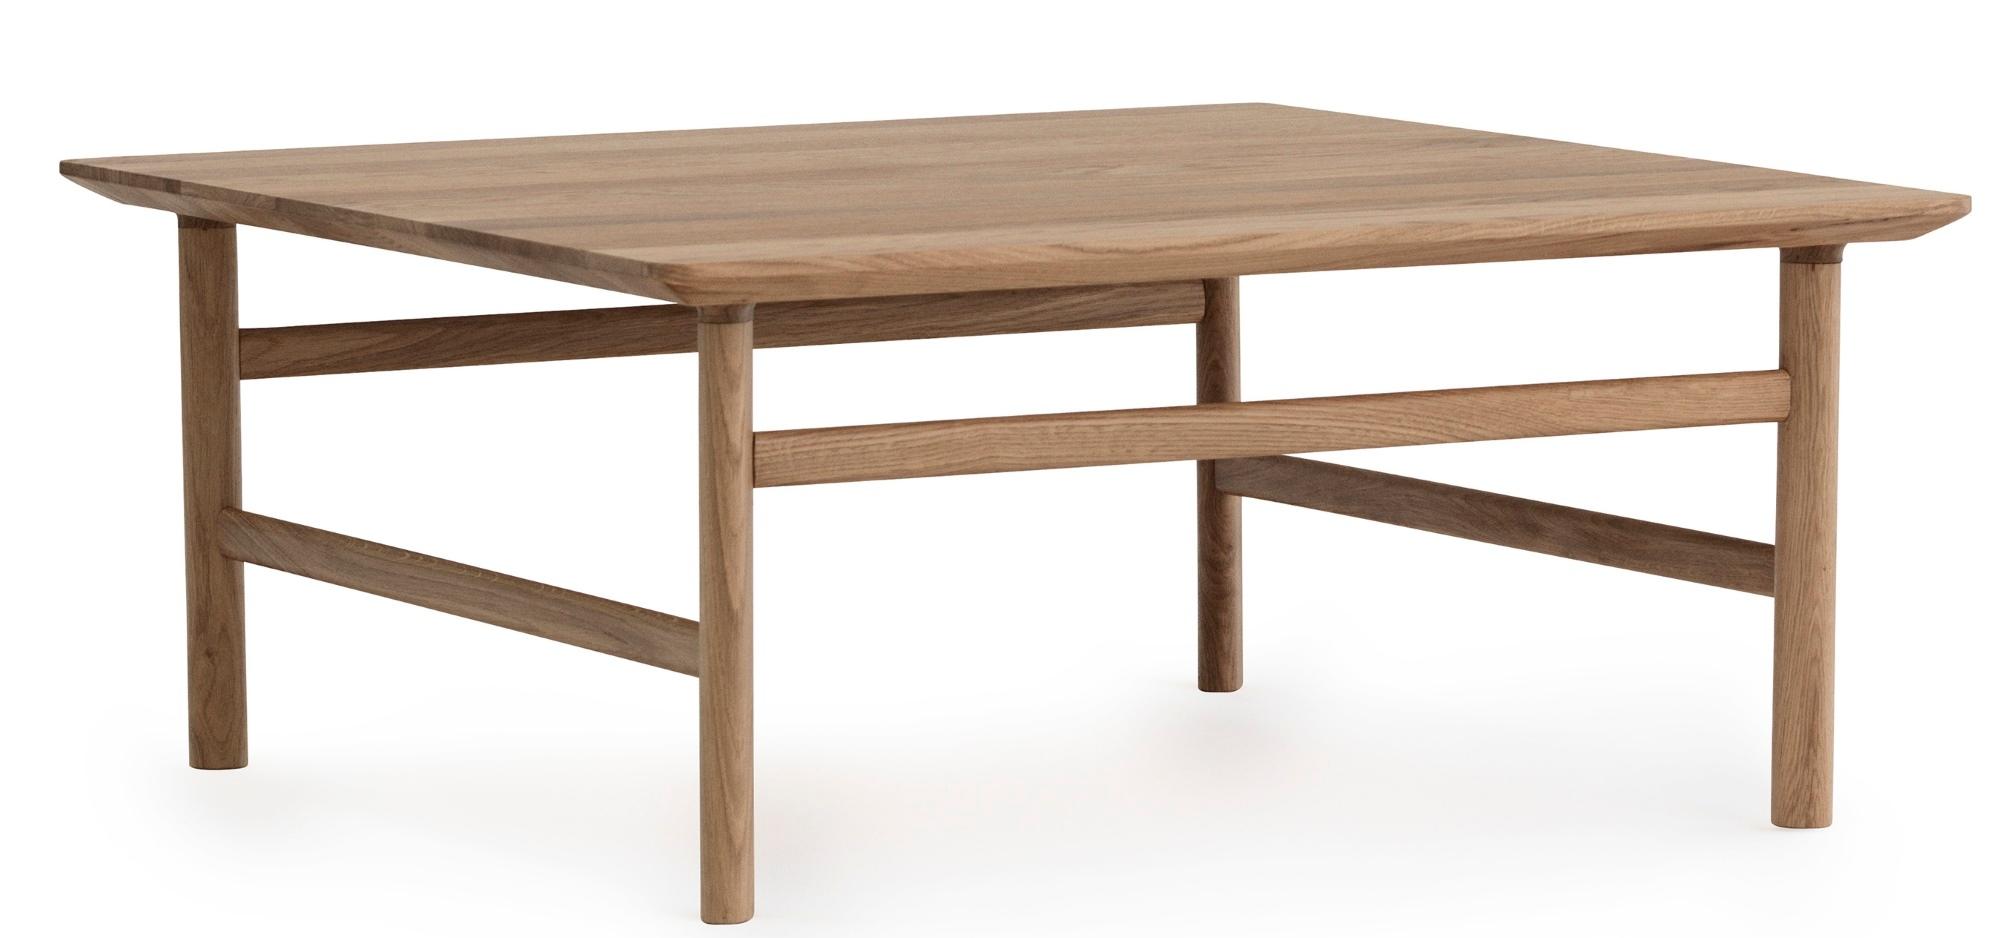 Grow Table Couchtisch Normann Copenhagen-eiche natur